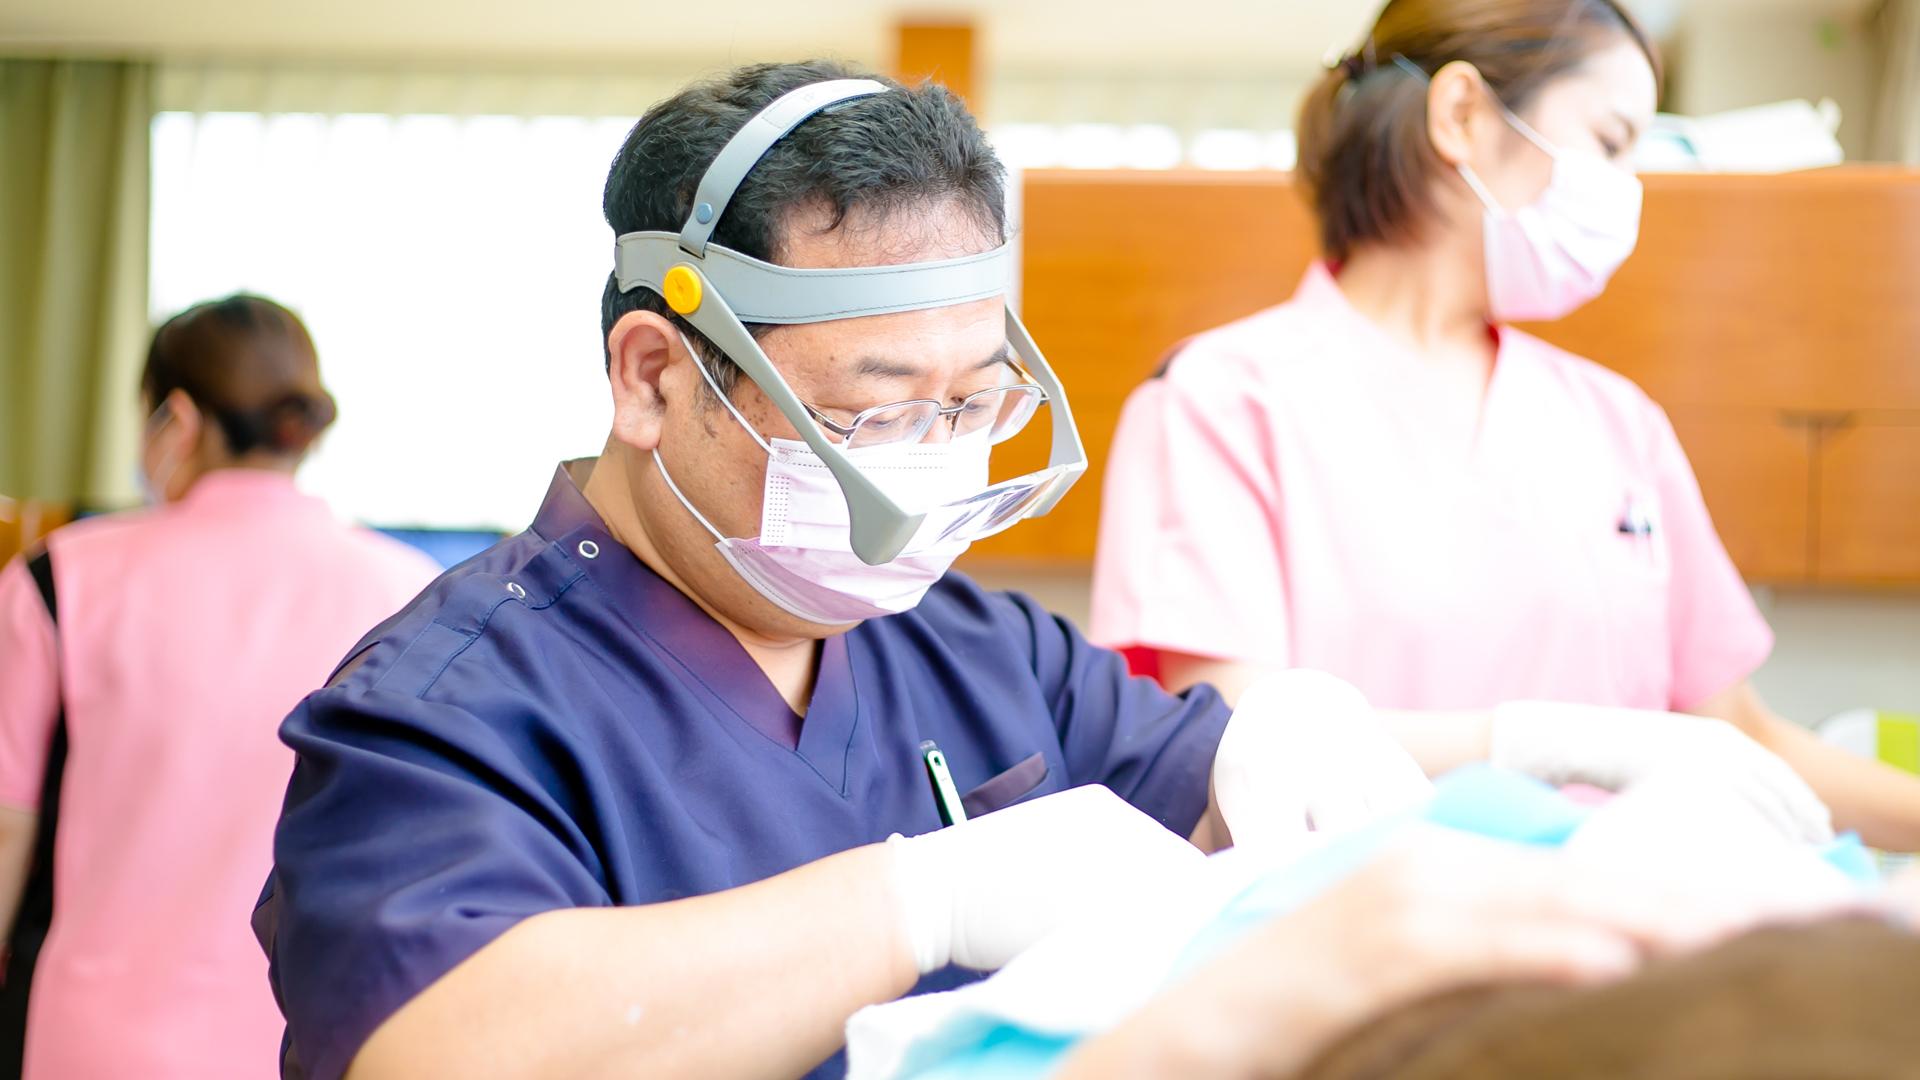 鹿児島 姶良 歯科医 歯科医院 中山歯科 歯周病専門医 ホワイトニング インプラント